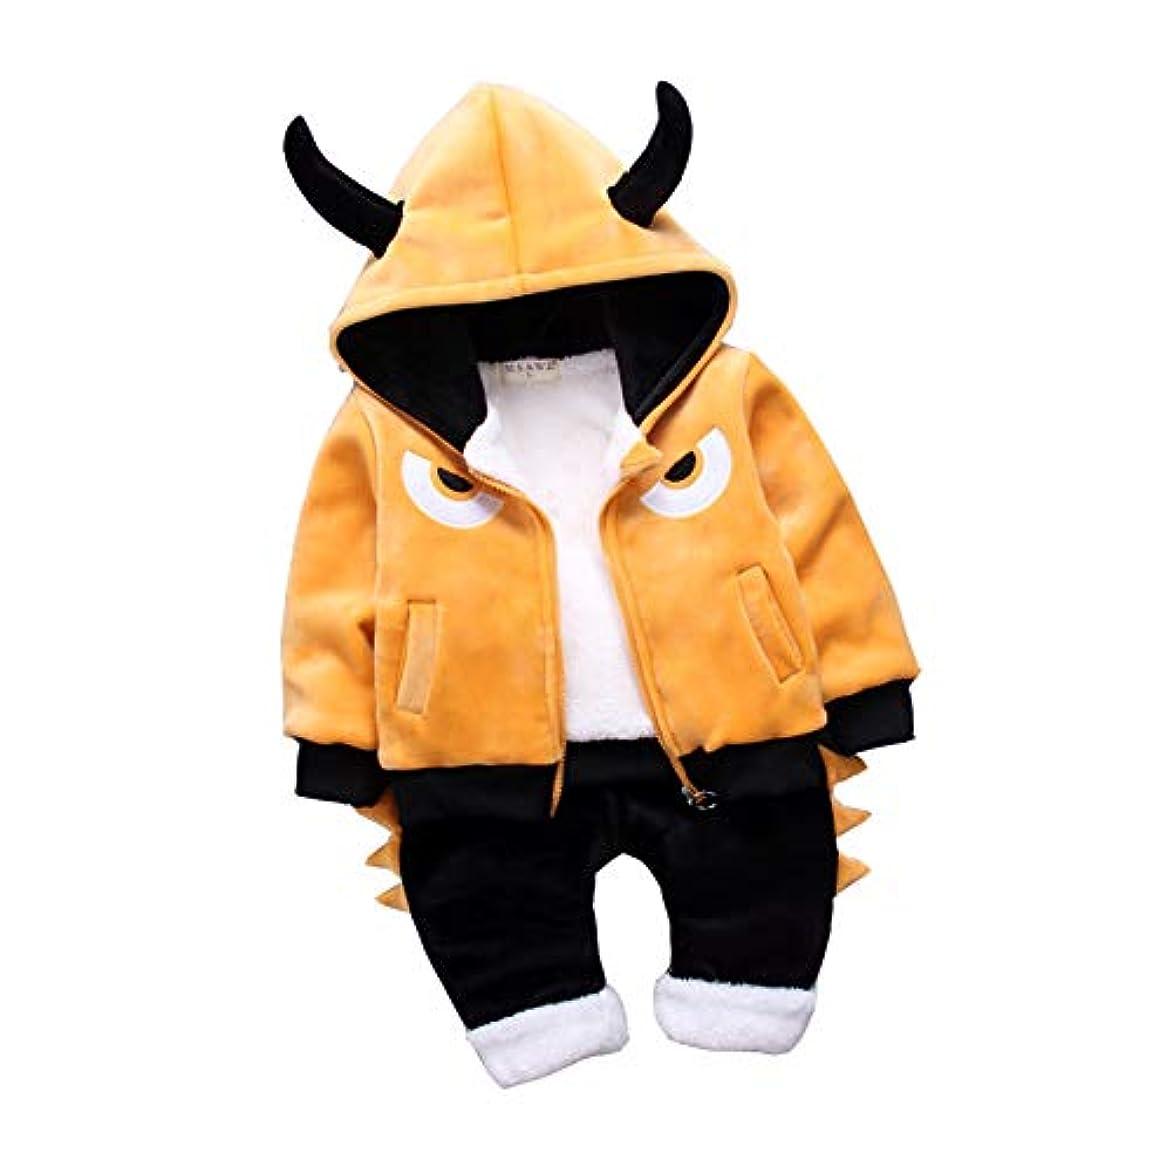 均等にエスカレート塩辛いMornyray ベビー服 コート ジャケット ズボン 2点セット もこもこ ふわふわ 怪獣 ハロウィン フードつき 女の子 男の子 幼児 1-5歳 size 80 (イェロー)